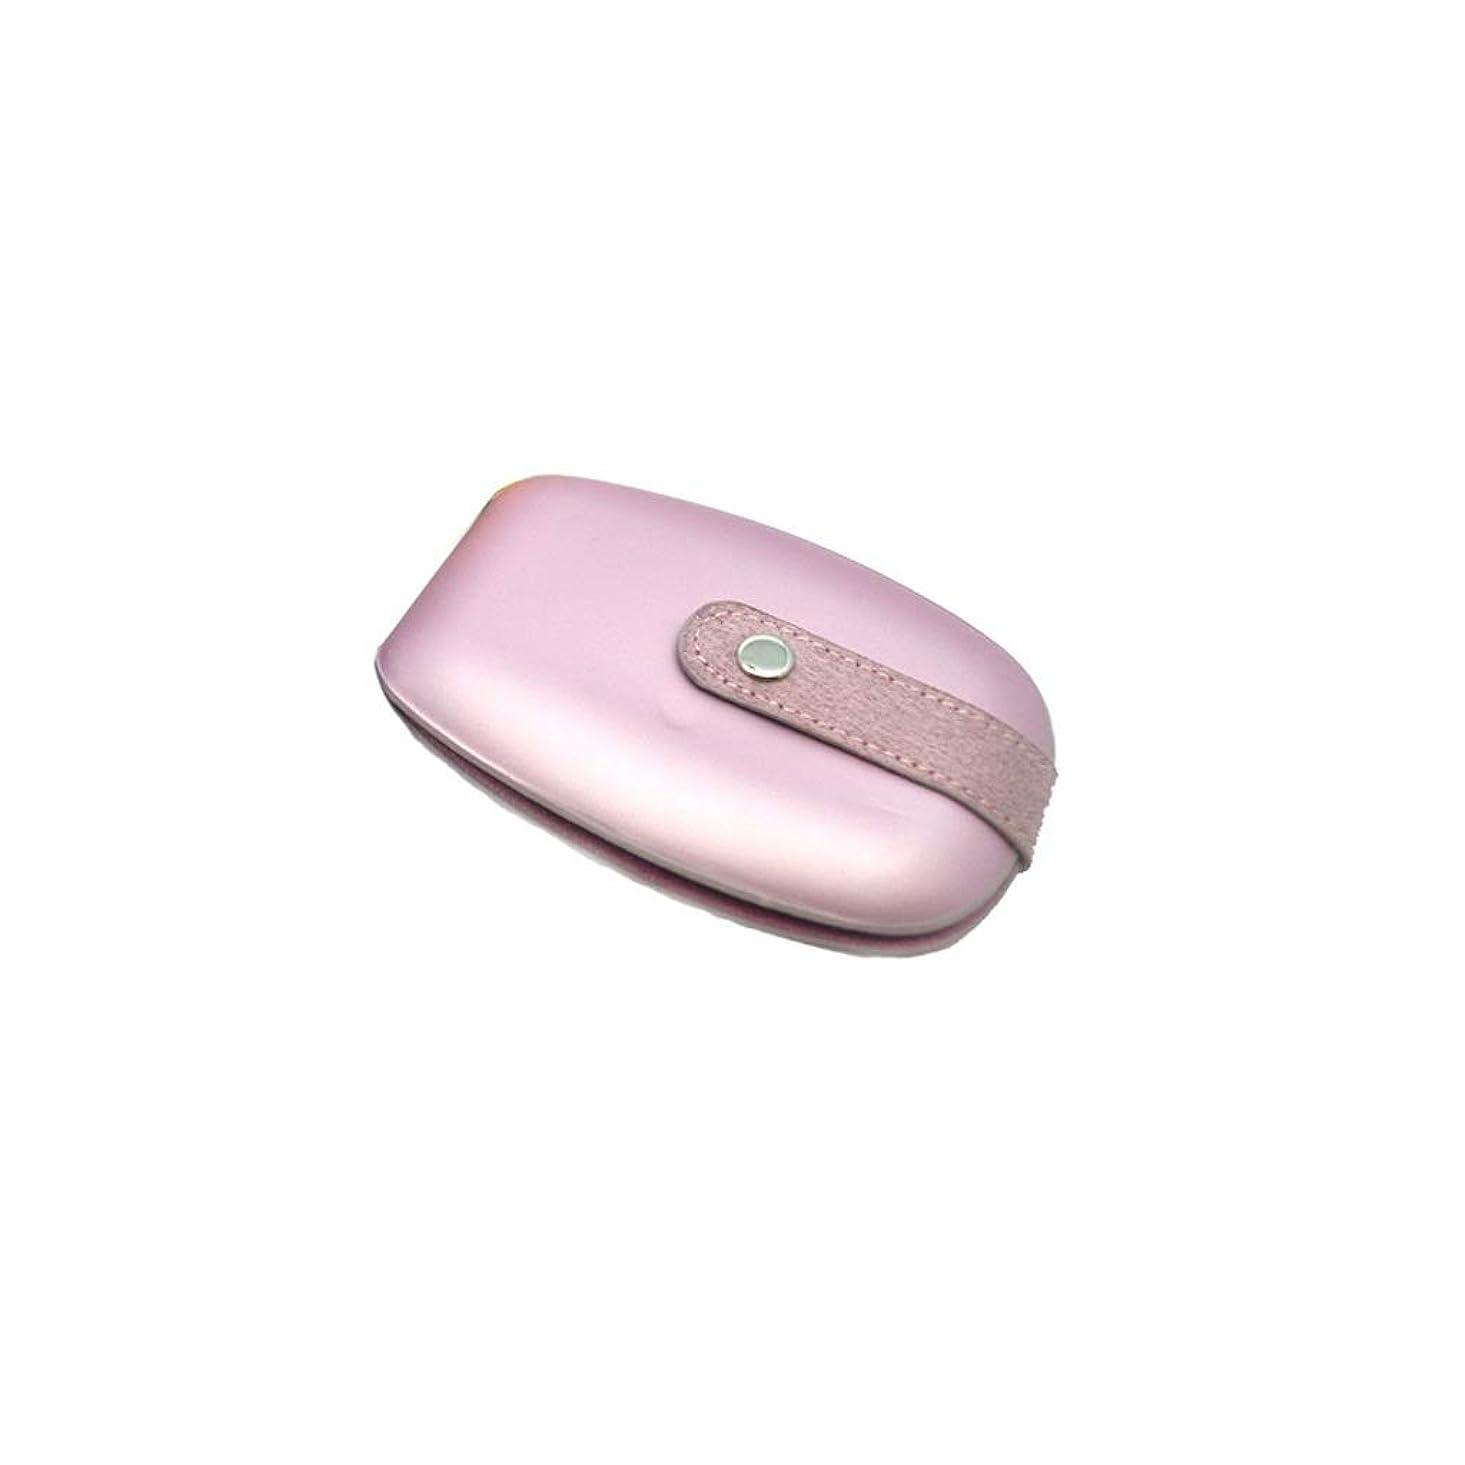 ファブリック投票君主制ペディキュアマニキュアセットネイルケアはさみ旅行セットネイルツール (Color : C)